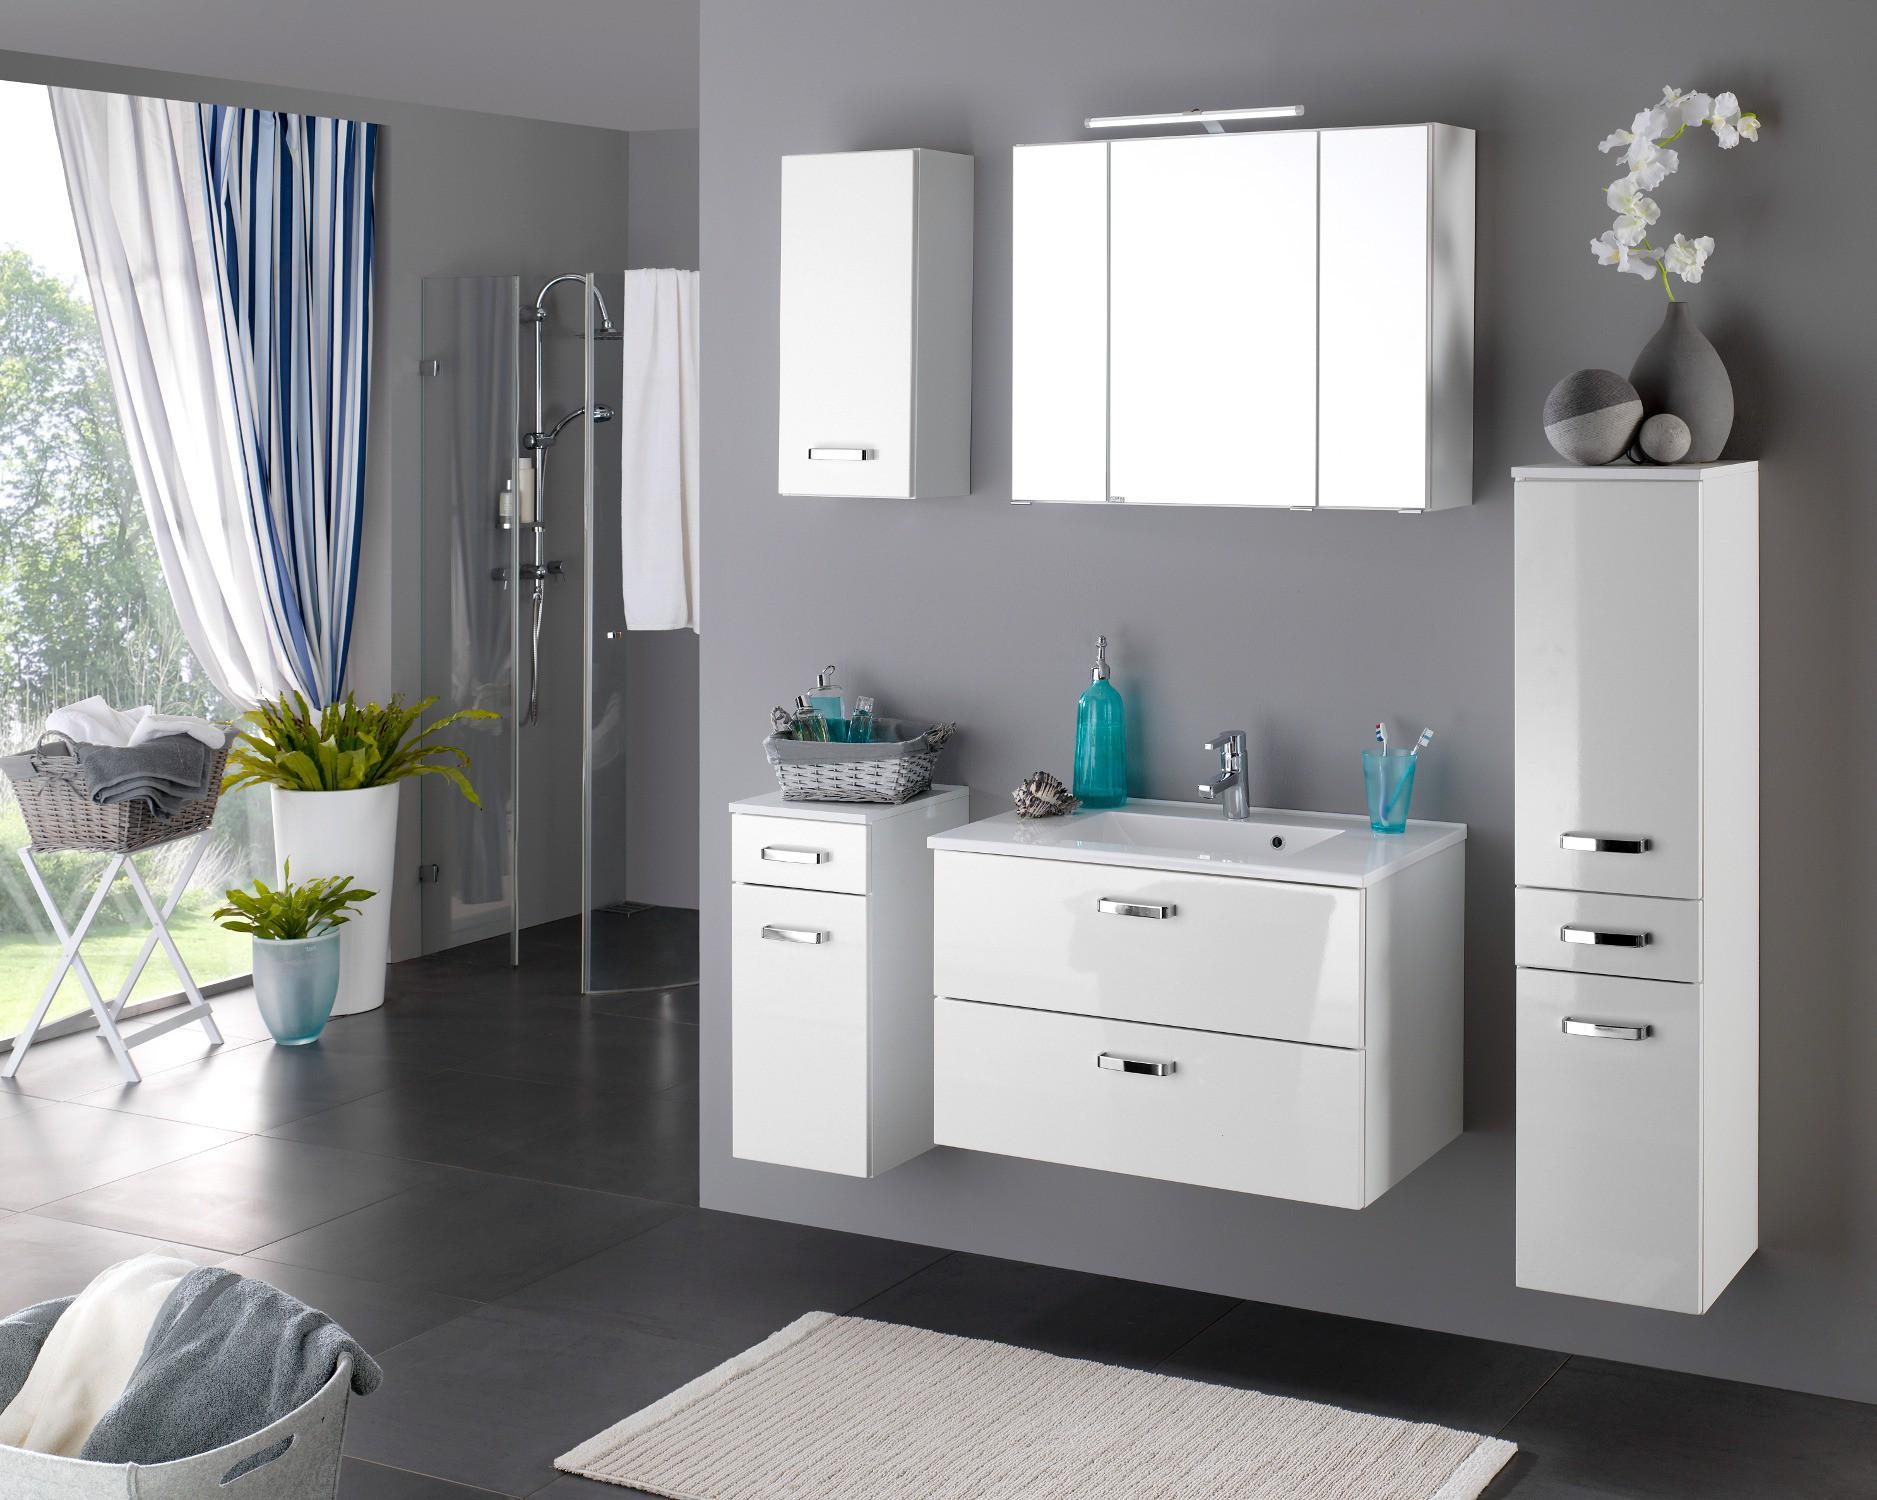 bad waschtisch bologna 2 ausz ge 70 cm breit hochglanz wei wei bad waschtische. Black Bedroom Furniture Sets. Home Design Ideas